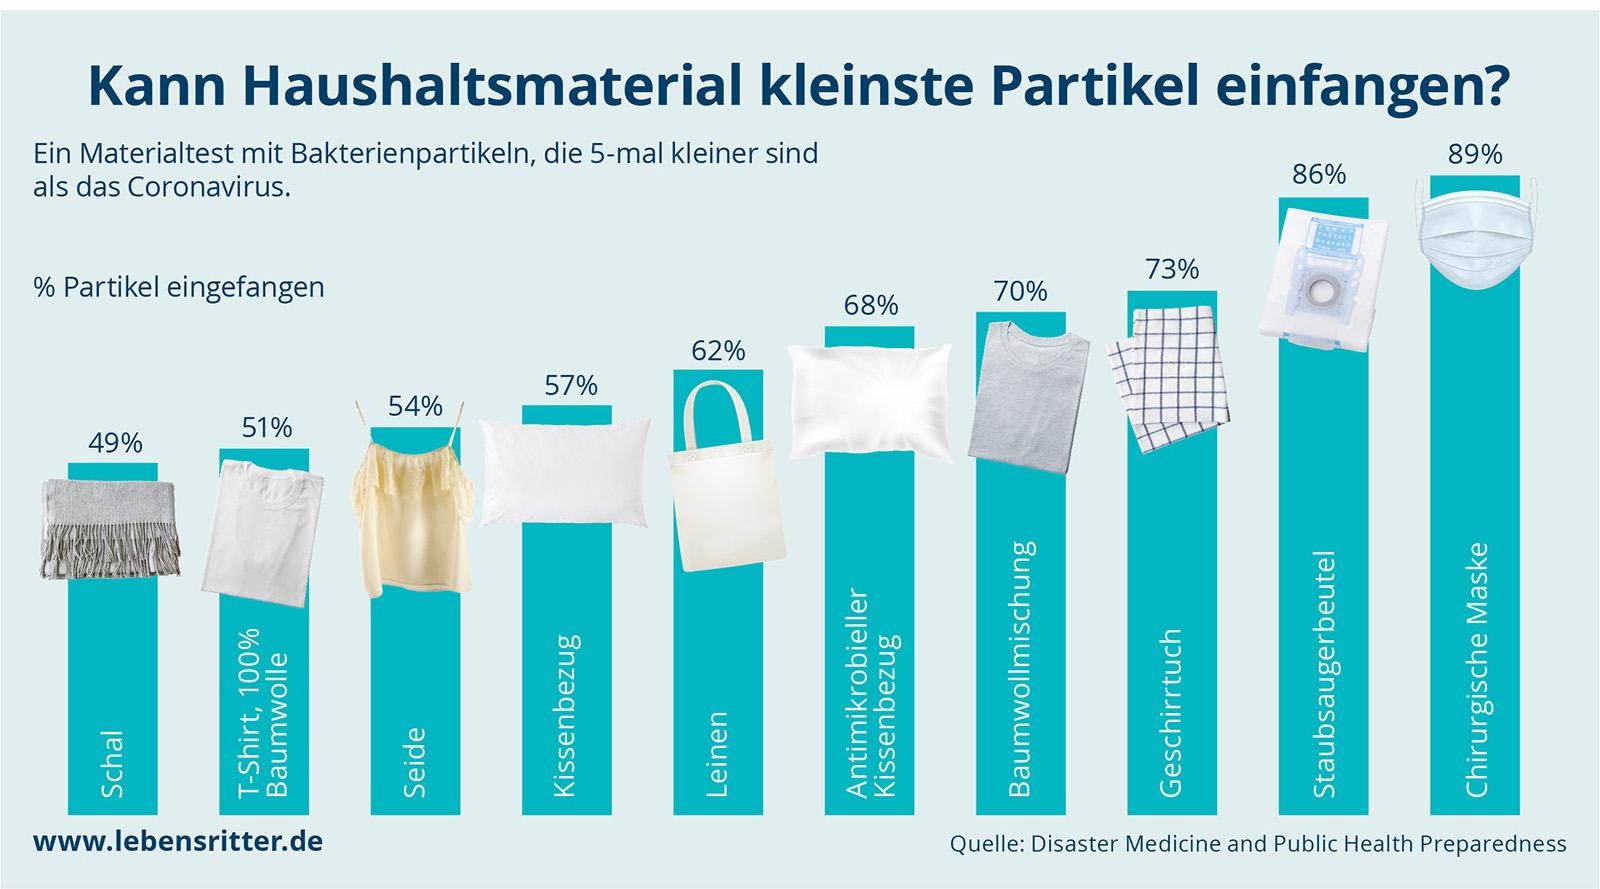 Werbung Lebensritter Netzwerk Organspende NRW Die Werbtätigen Aktion #NurMitMaske Grafik Corona Kann Haushaltsmaterial kleinste Partikel einfangen